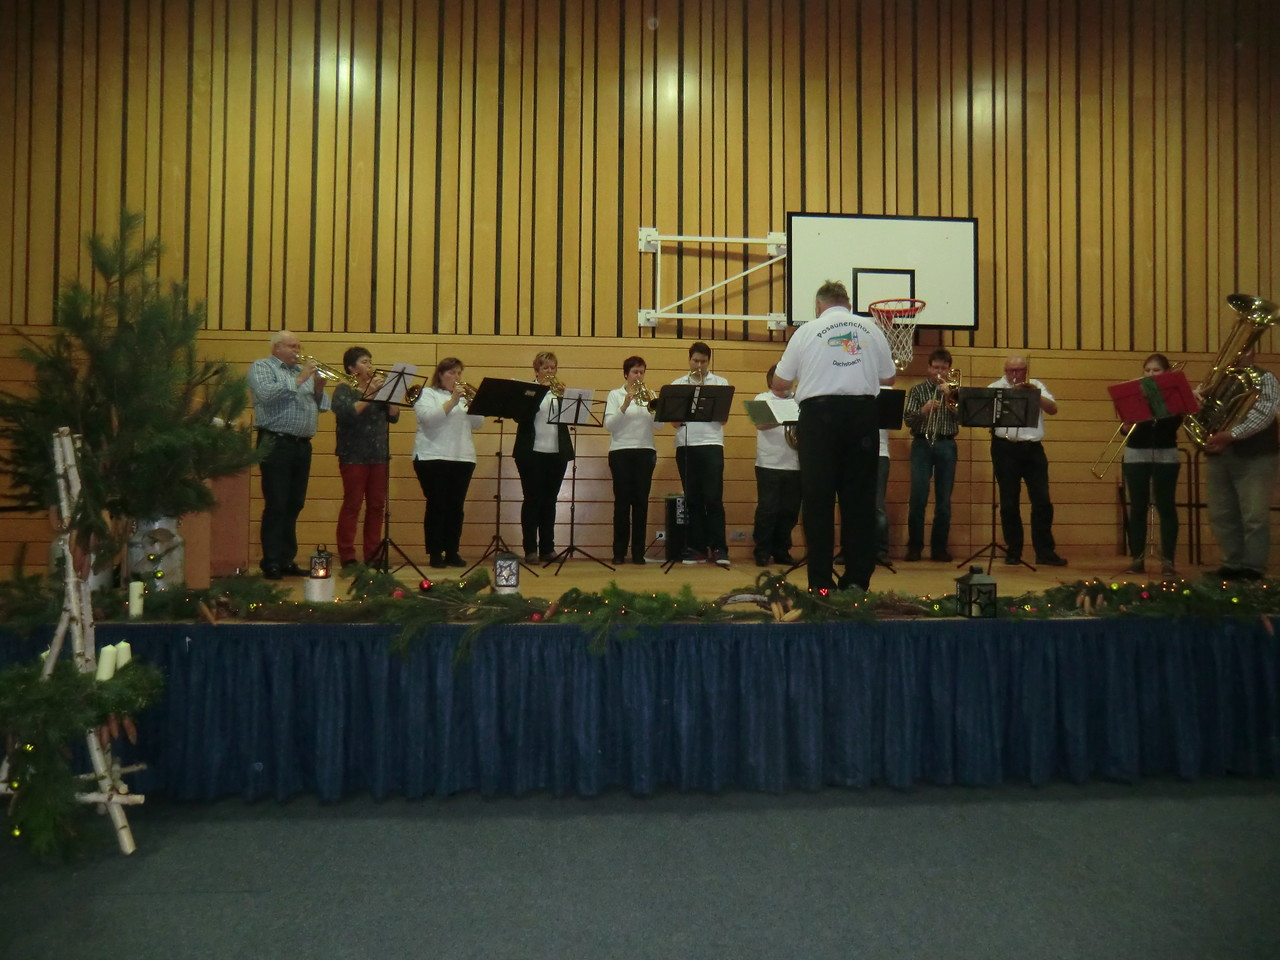 Der Posaunenchor Dachsbach unter der Leitung von Lorenz Mechs